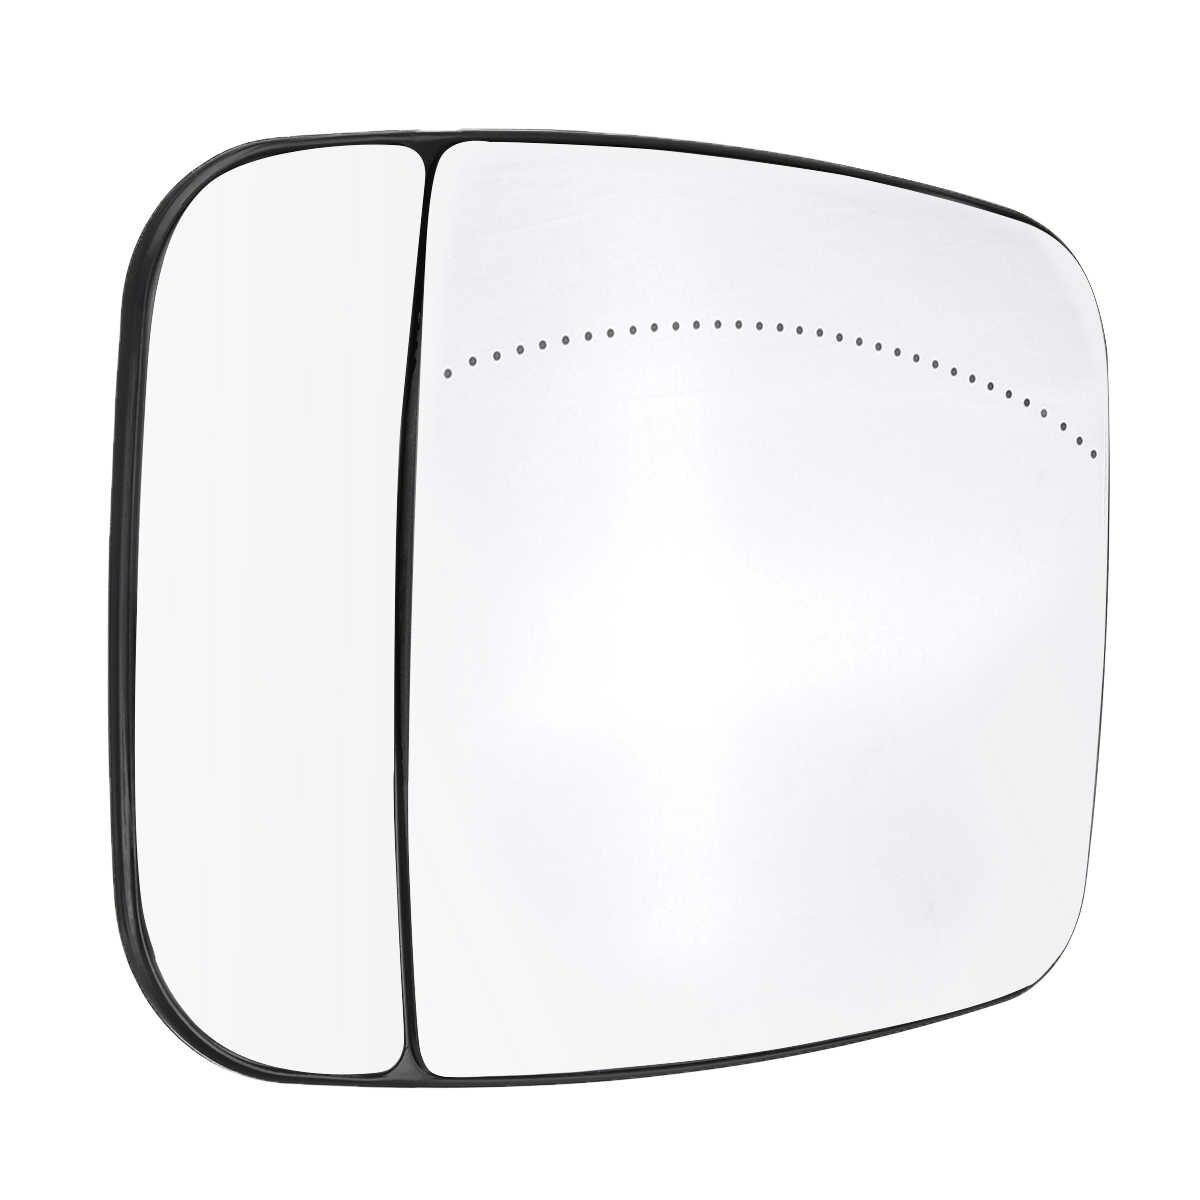 OPEL Vivaro 2015 en adelante Puerta Espejo Vidrio Pasajero Lado Izquierdo punto ciego